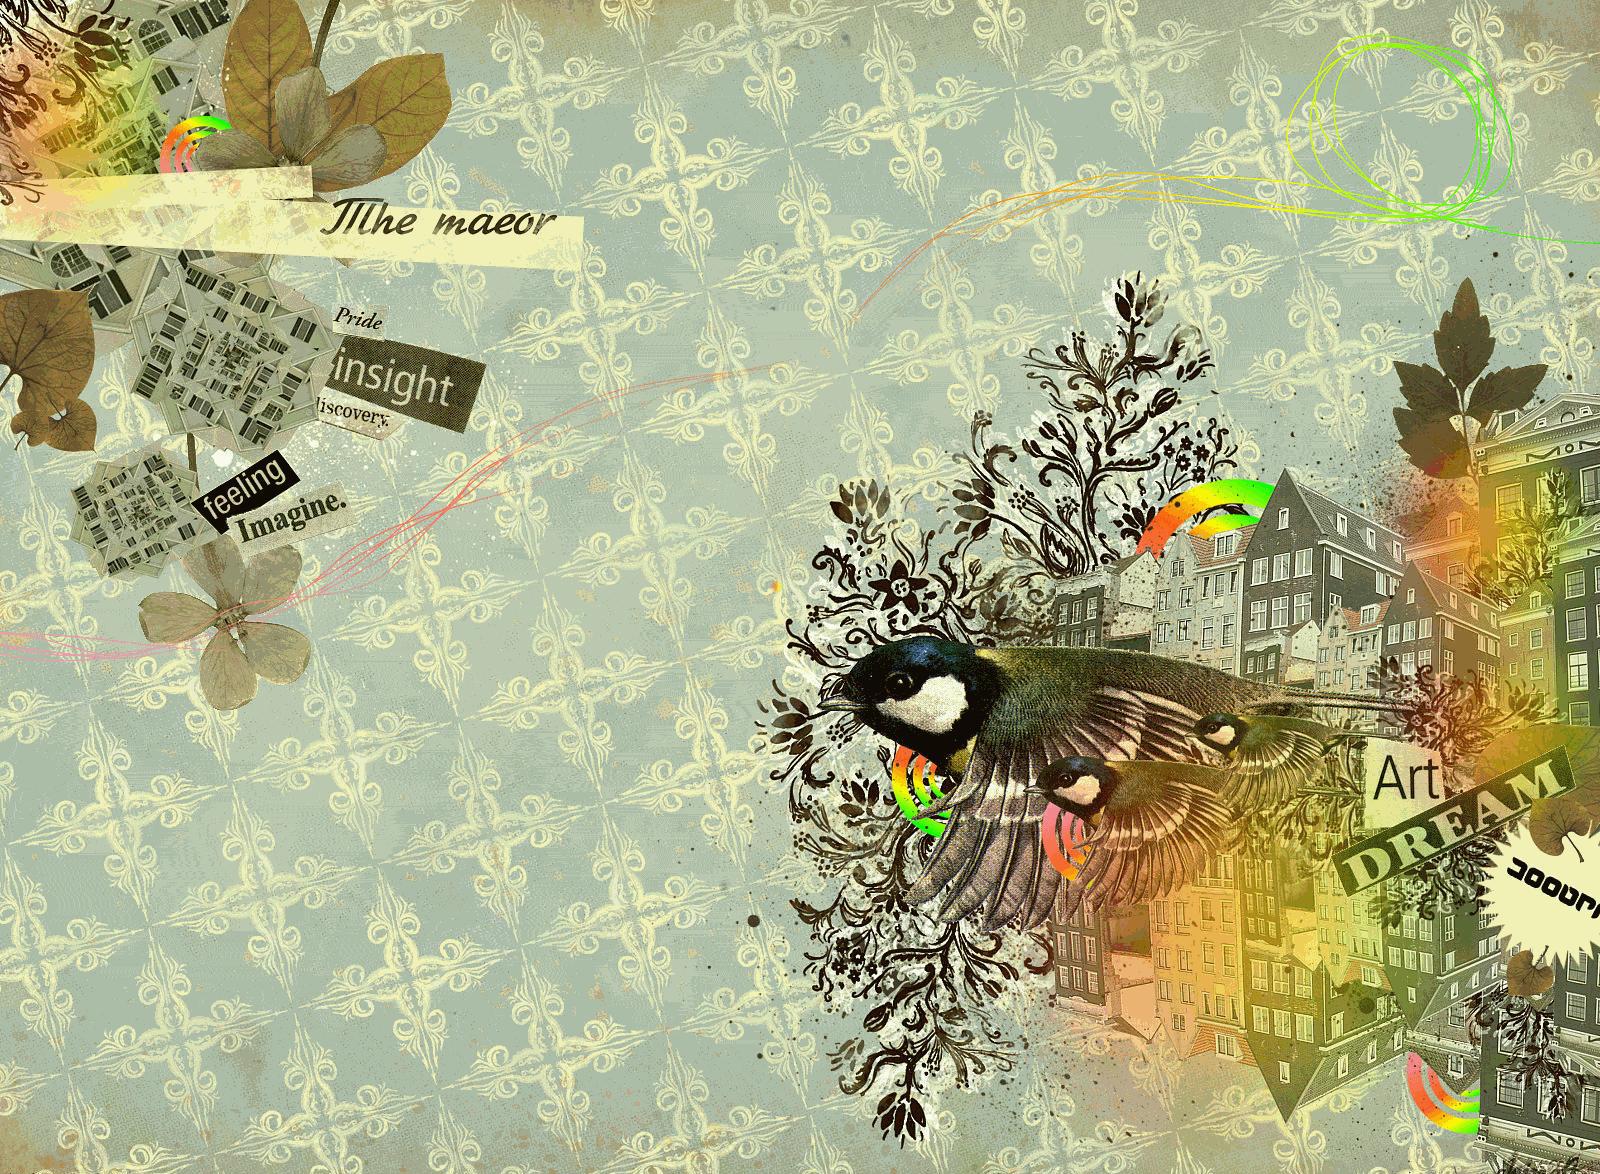 Retro Desktop Wallpaper: Kane Blog Picz: Vintage Desktop Wallpapers Hd